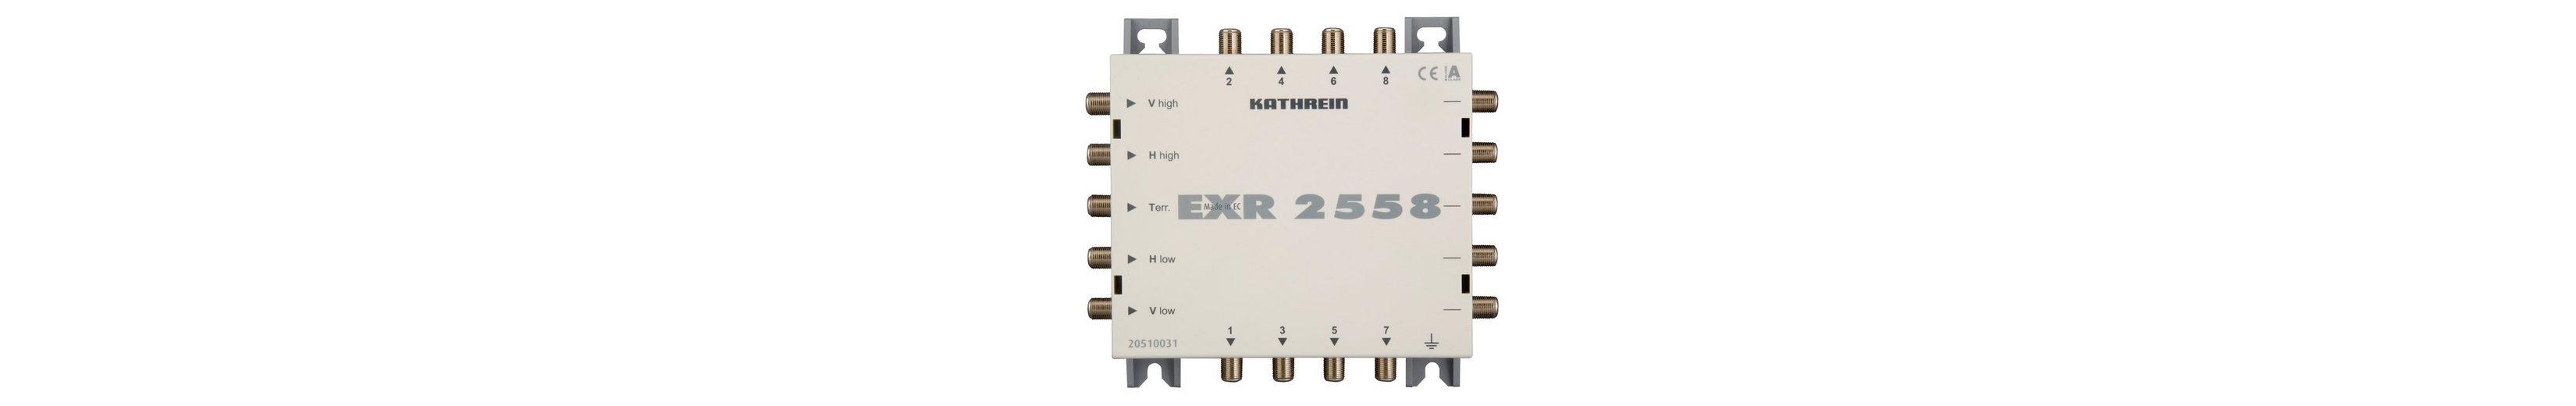 Kathrein Multischalter-Durchgang 5 auf 8 »EXR 2558«